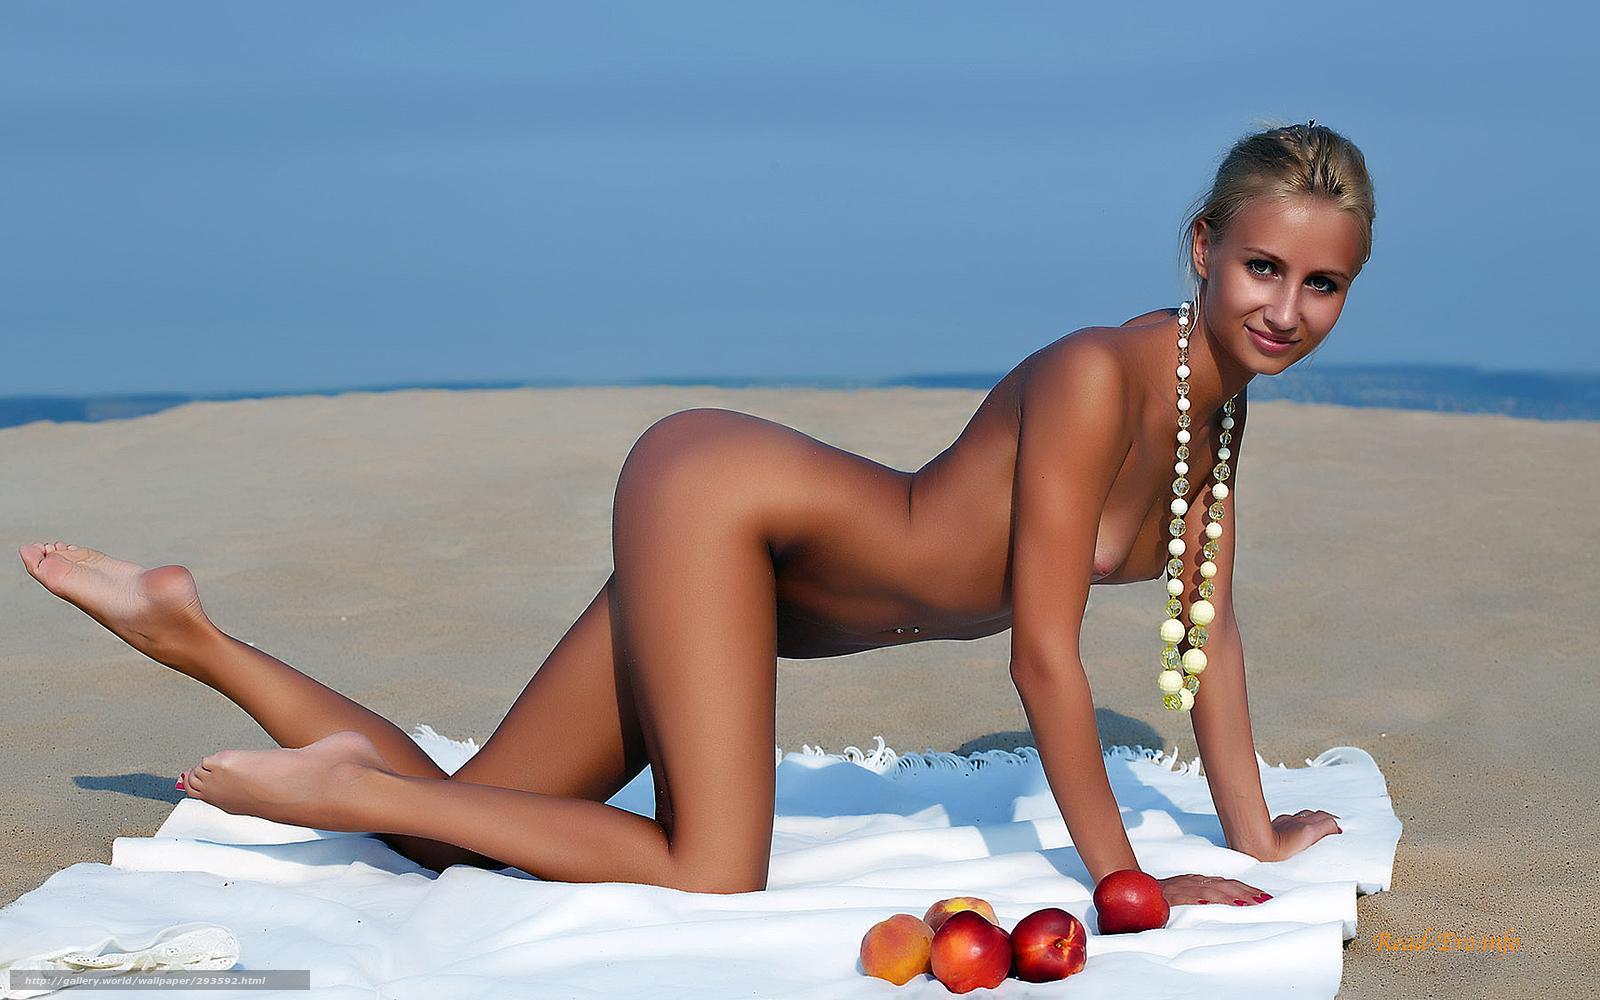 Фото девушек голышок на пляжу 21 фотография